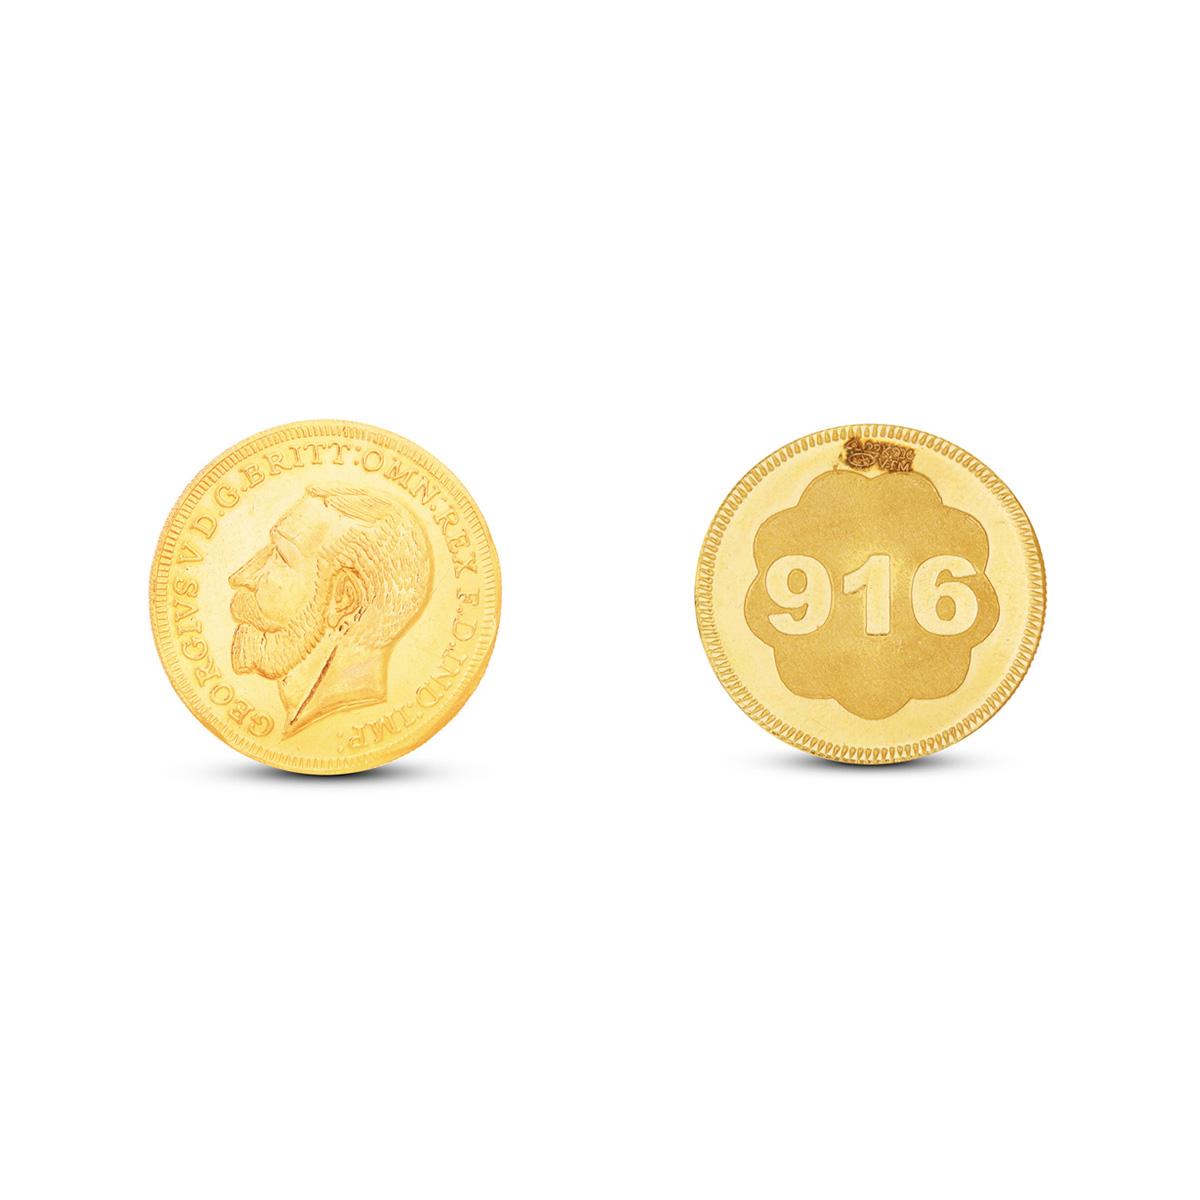 1 Gram Gold Coin